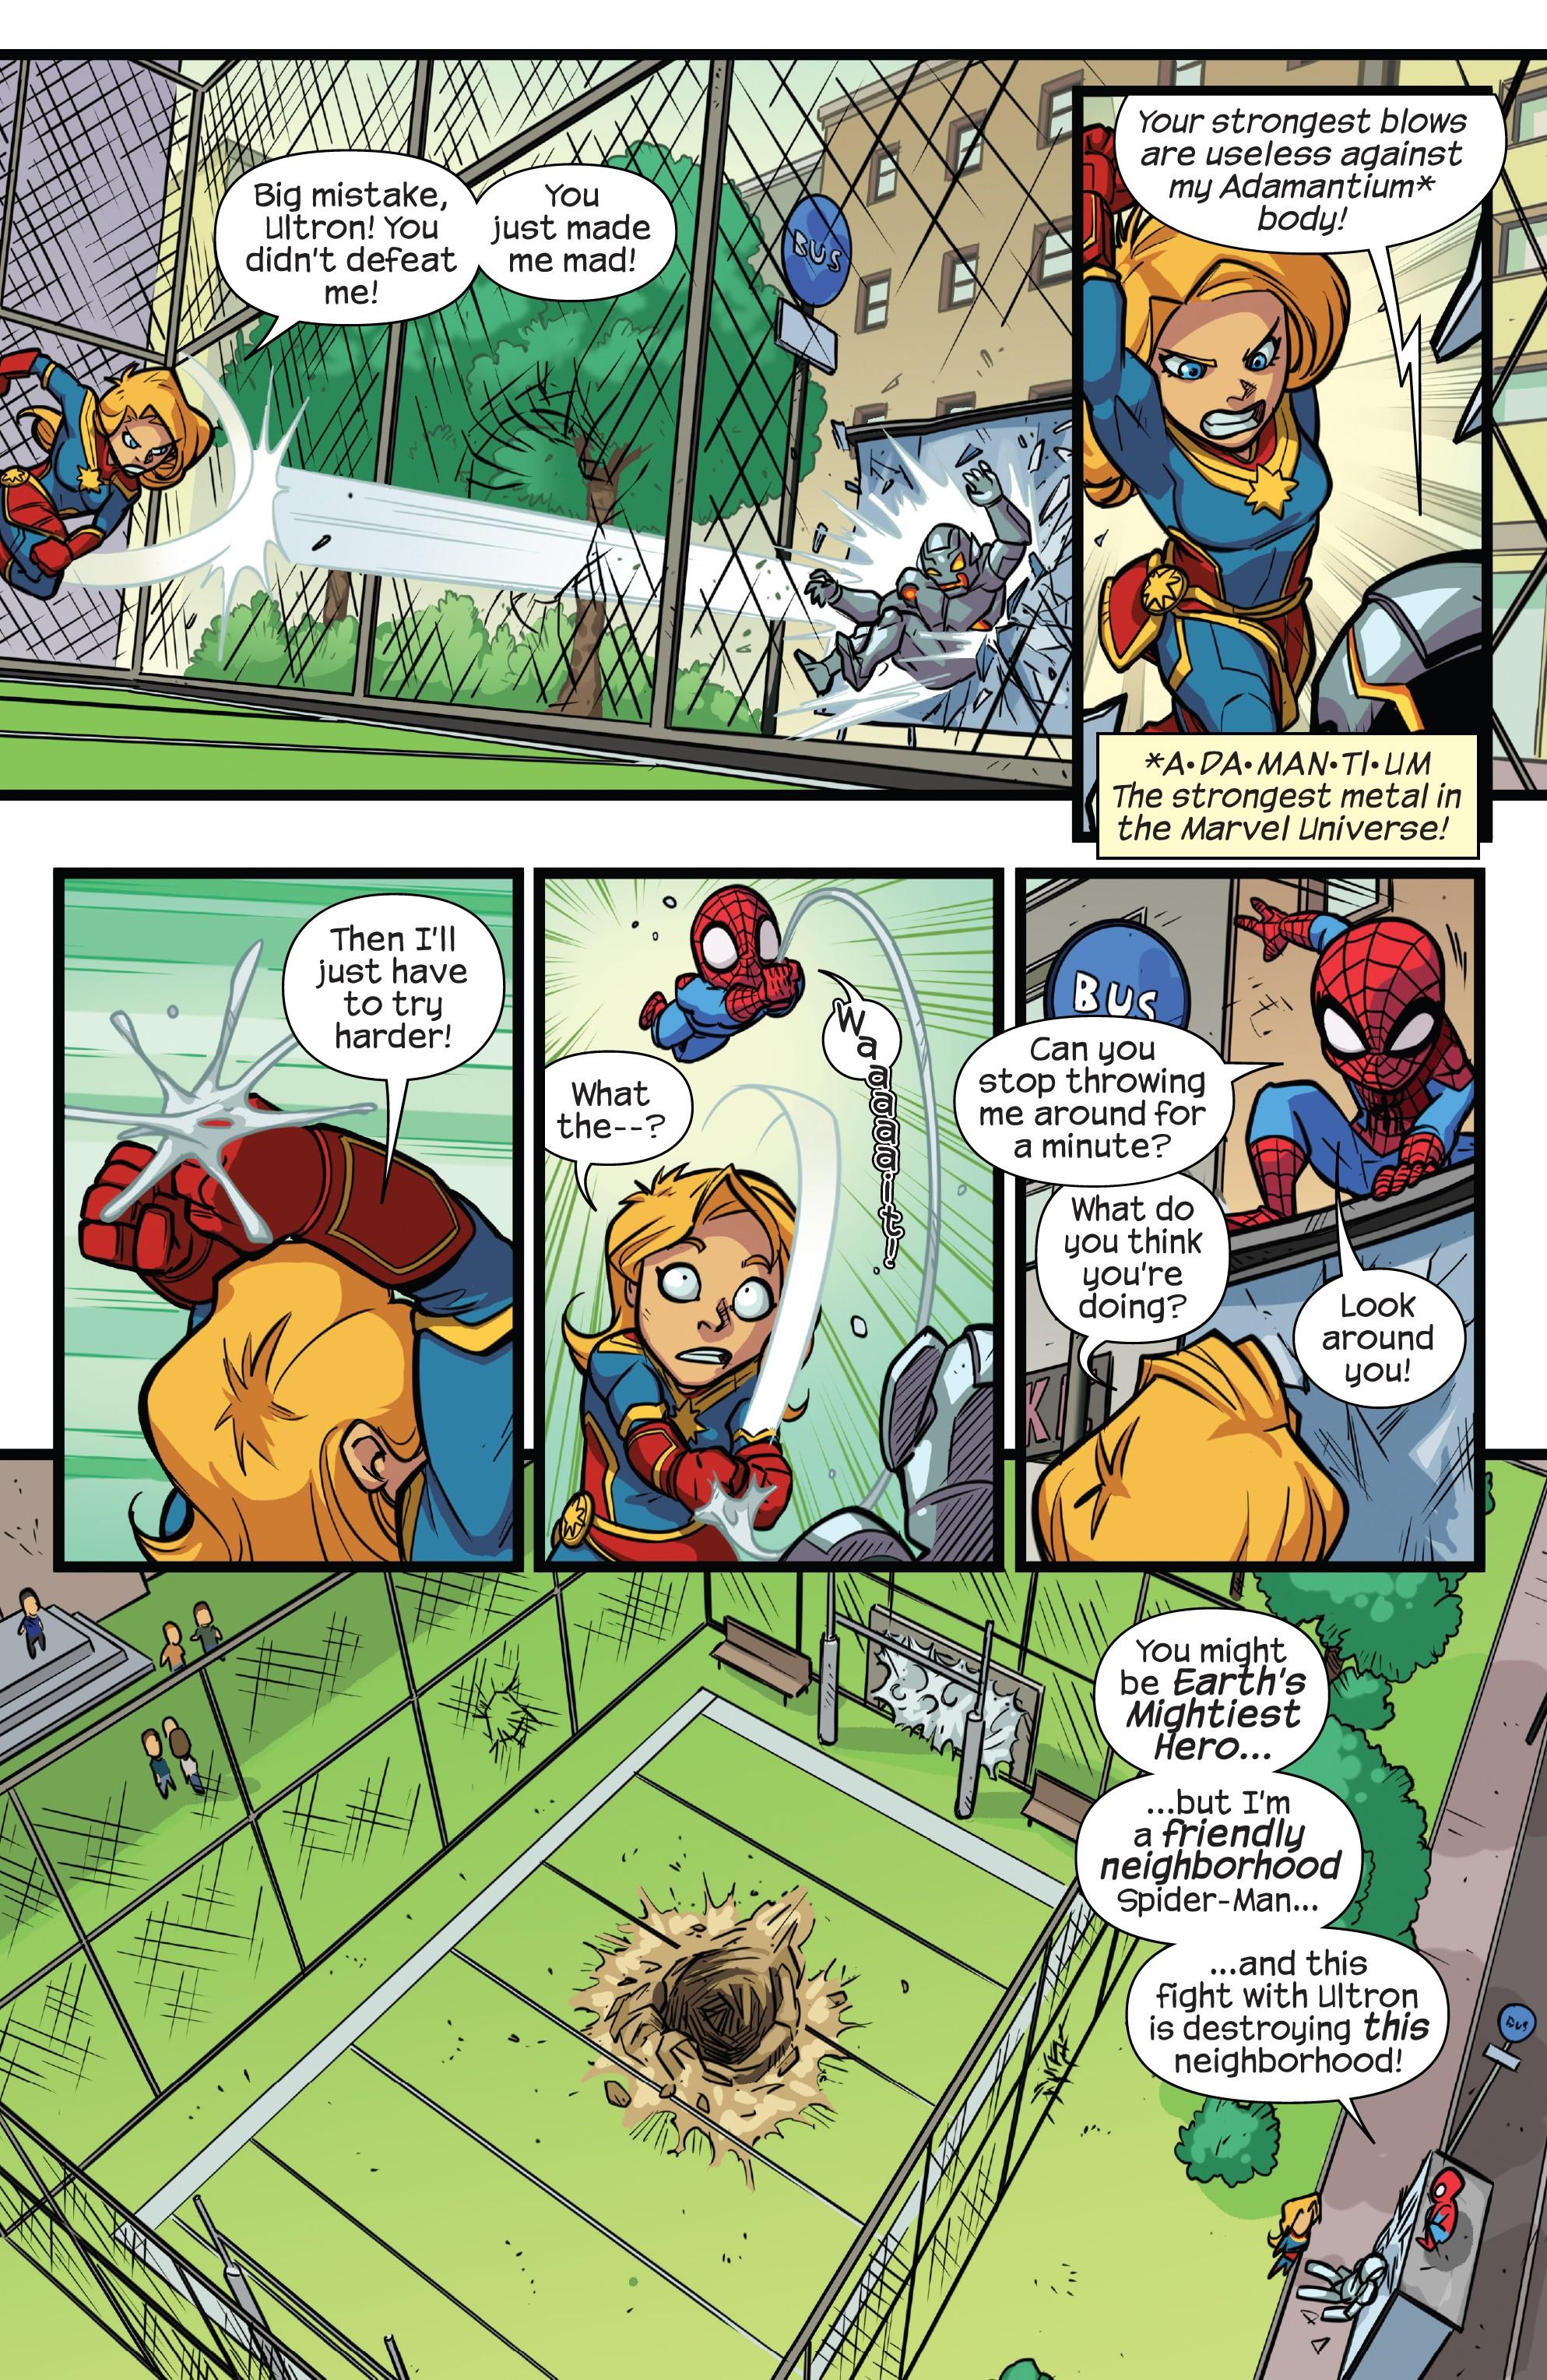 漫威超级英雄历险记:漫威船长 - 学校第一天(2018年): Chapter 1 - Page 漫威超级英雄历险记:漫威船长 - 学校第一天(2018年)